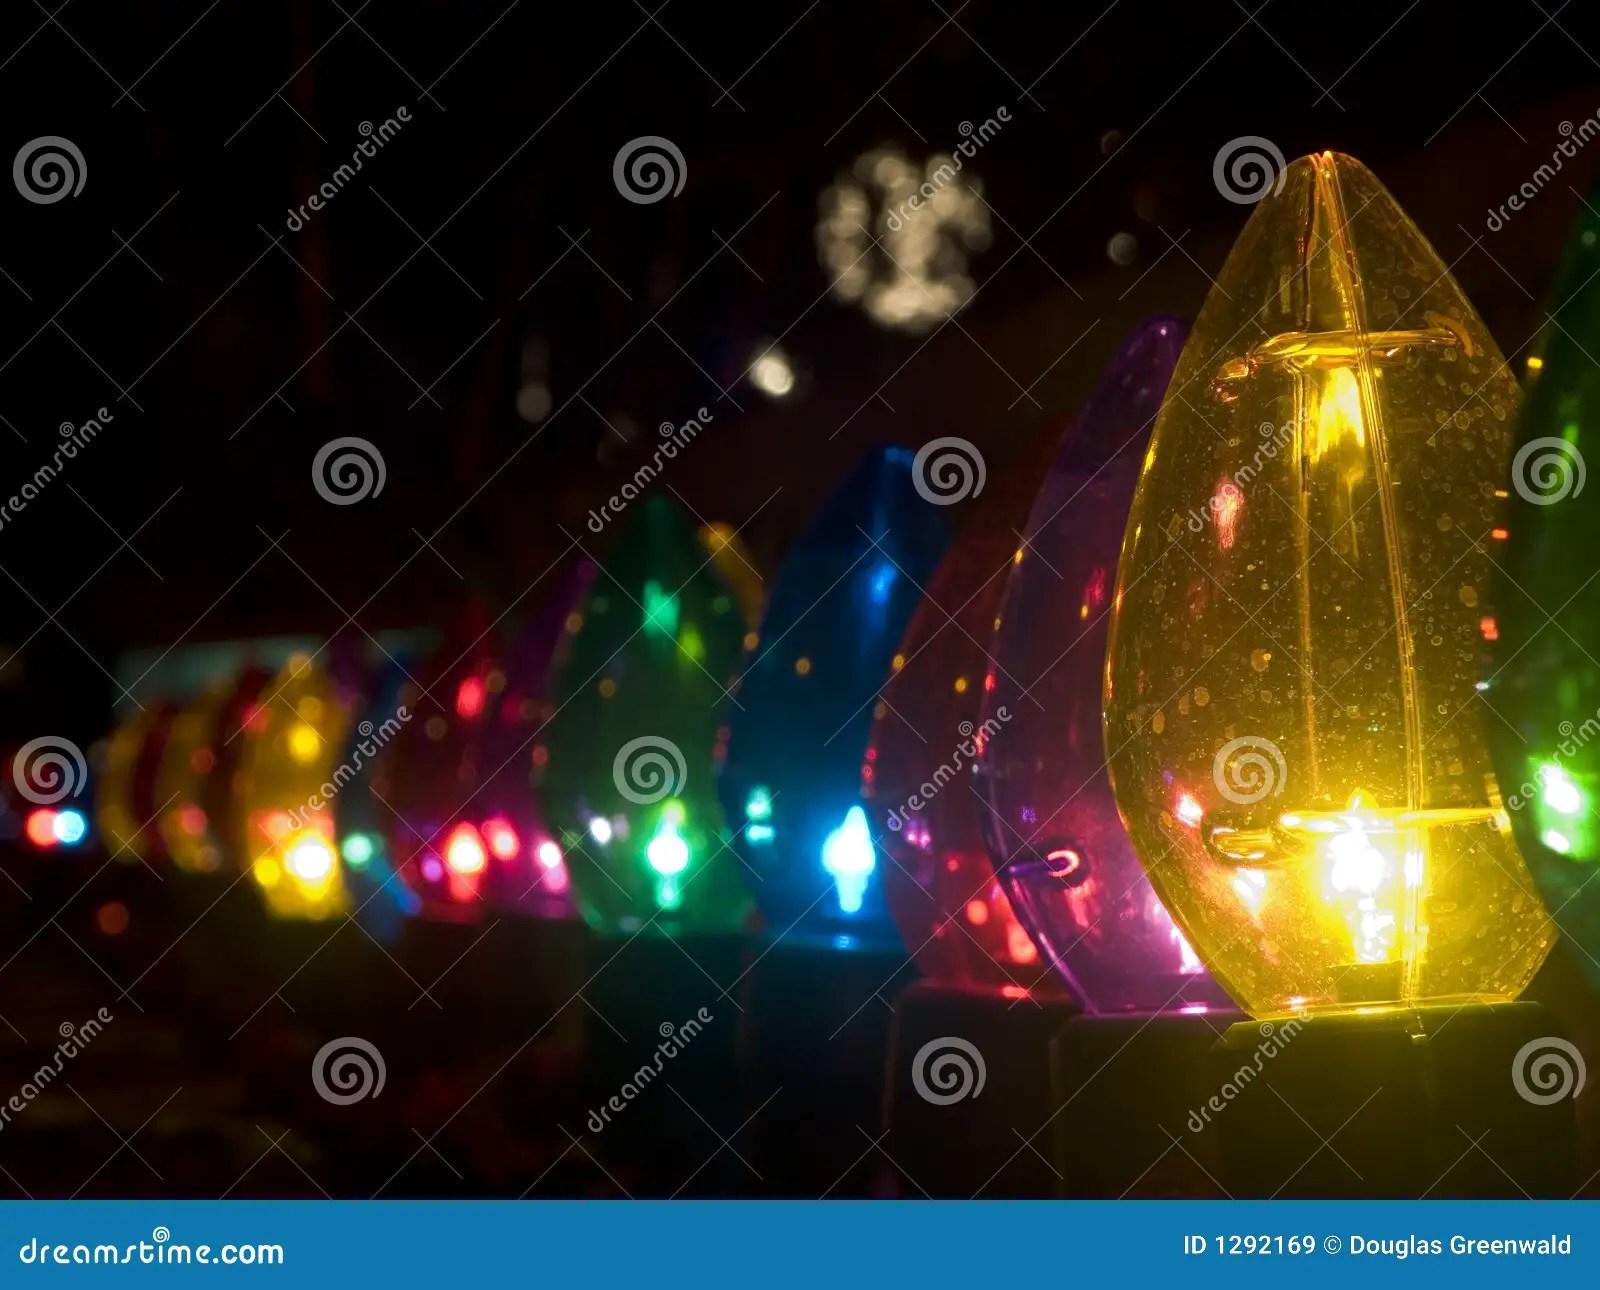 Christmas Lights Big Bulbs